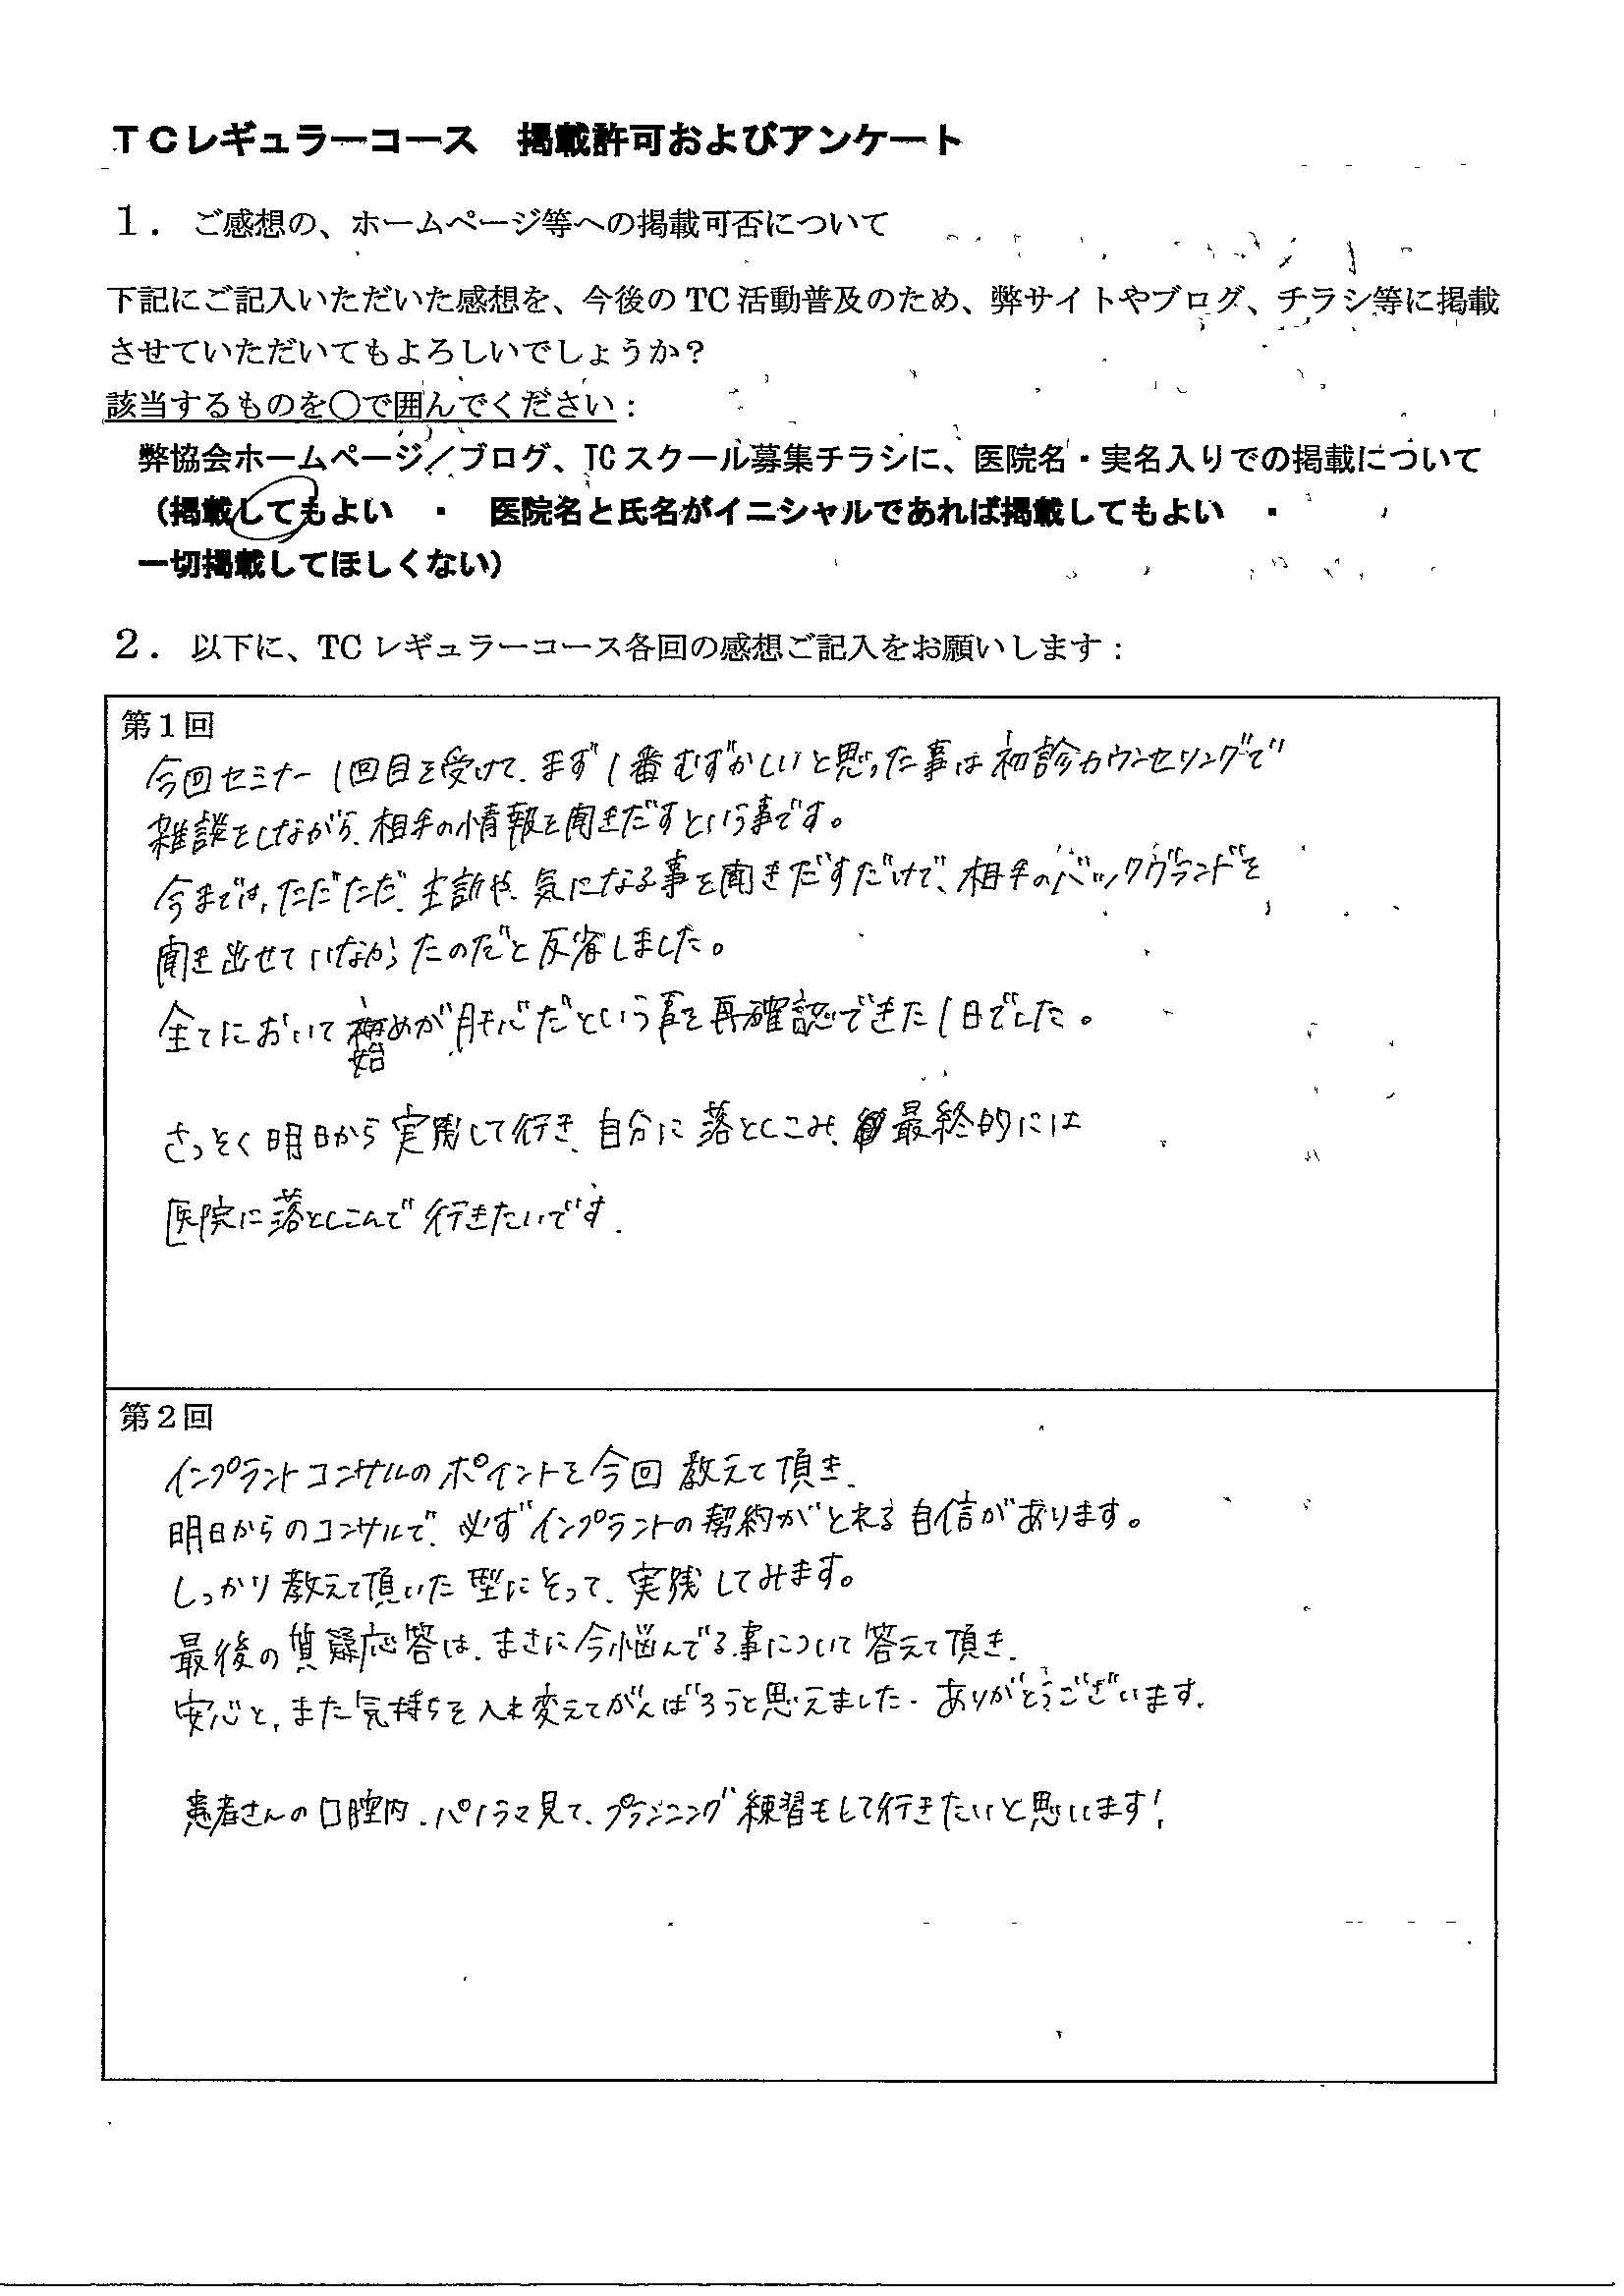 藤田 雅巳様アンケート